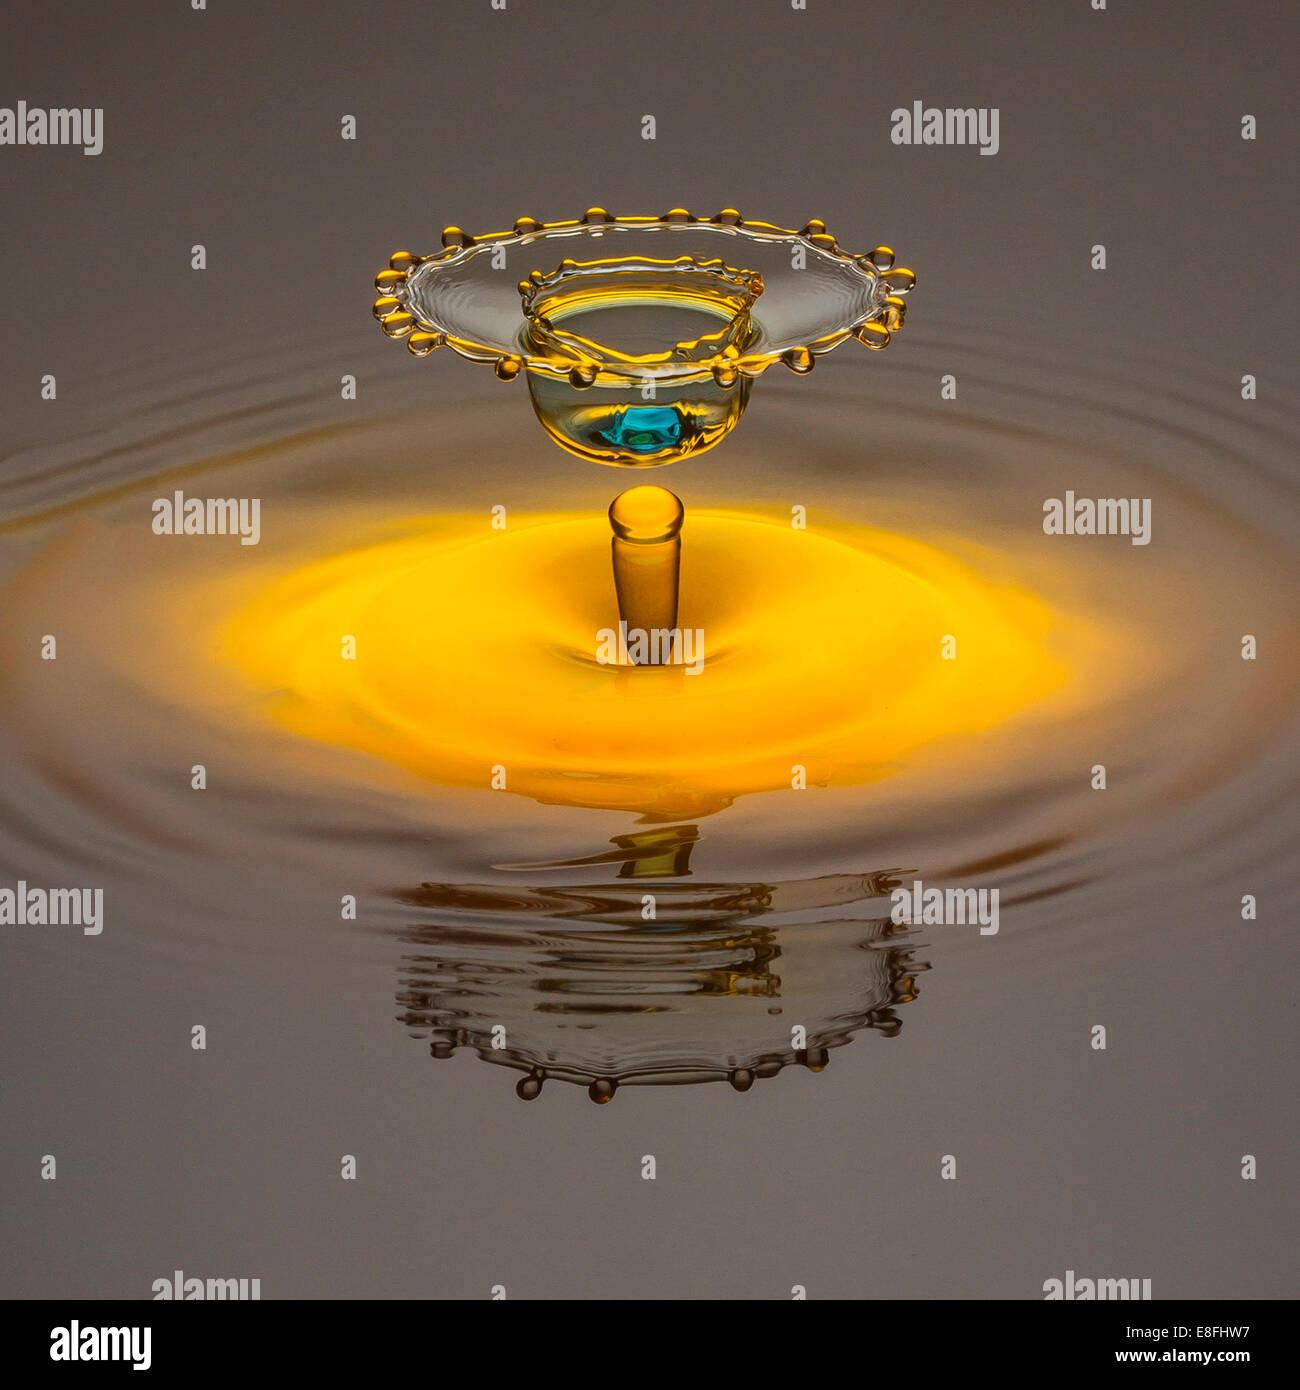 Gota de agua amarilla formando corona con luz azul dot en oriente Imagen De Stock